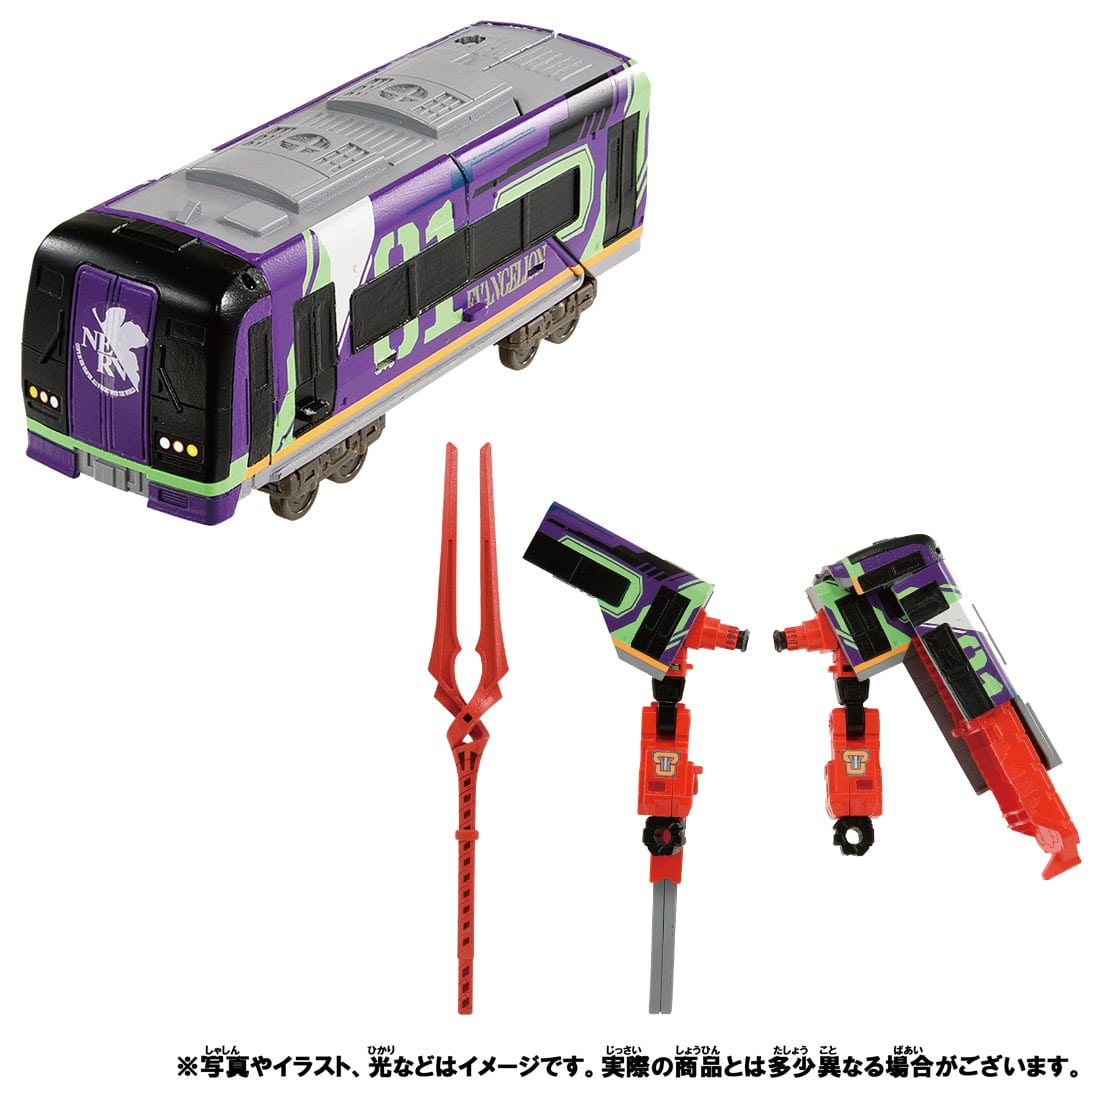 新幹線変形ロボ シンカリオンZ『シンカリオンZ 500 ミュースカイ TYPE EVA』可変合体プラレール-008